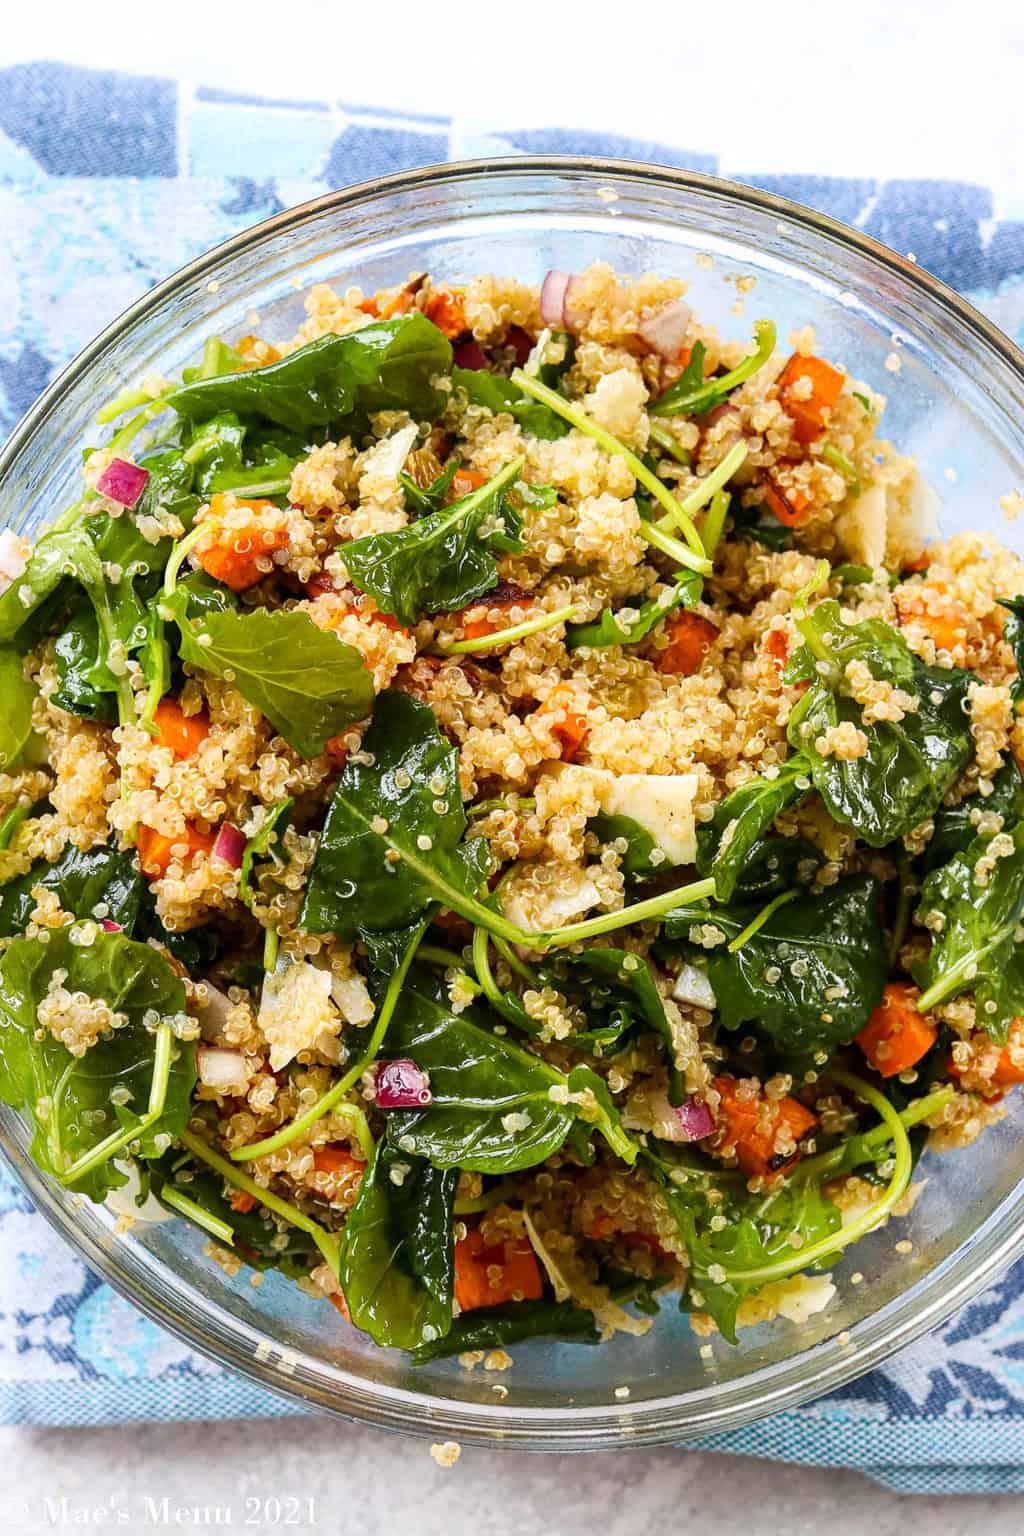 An overhead shot of a bowl of quinoa salad